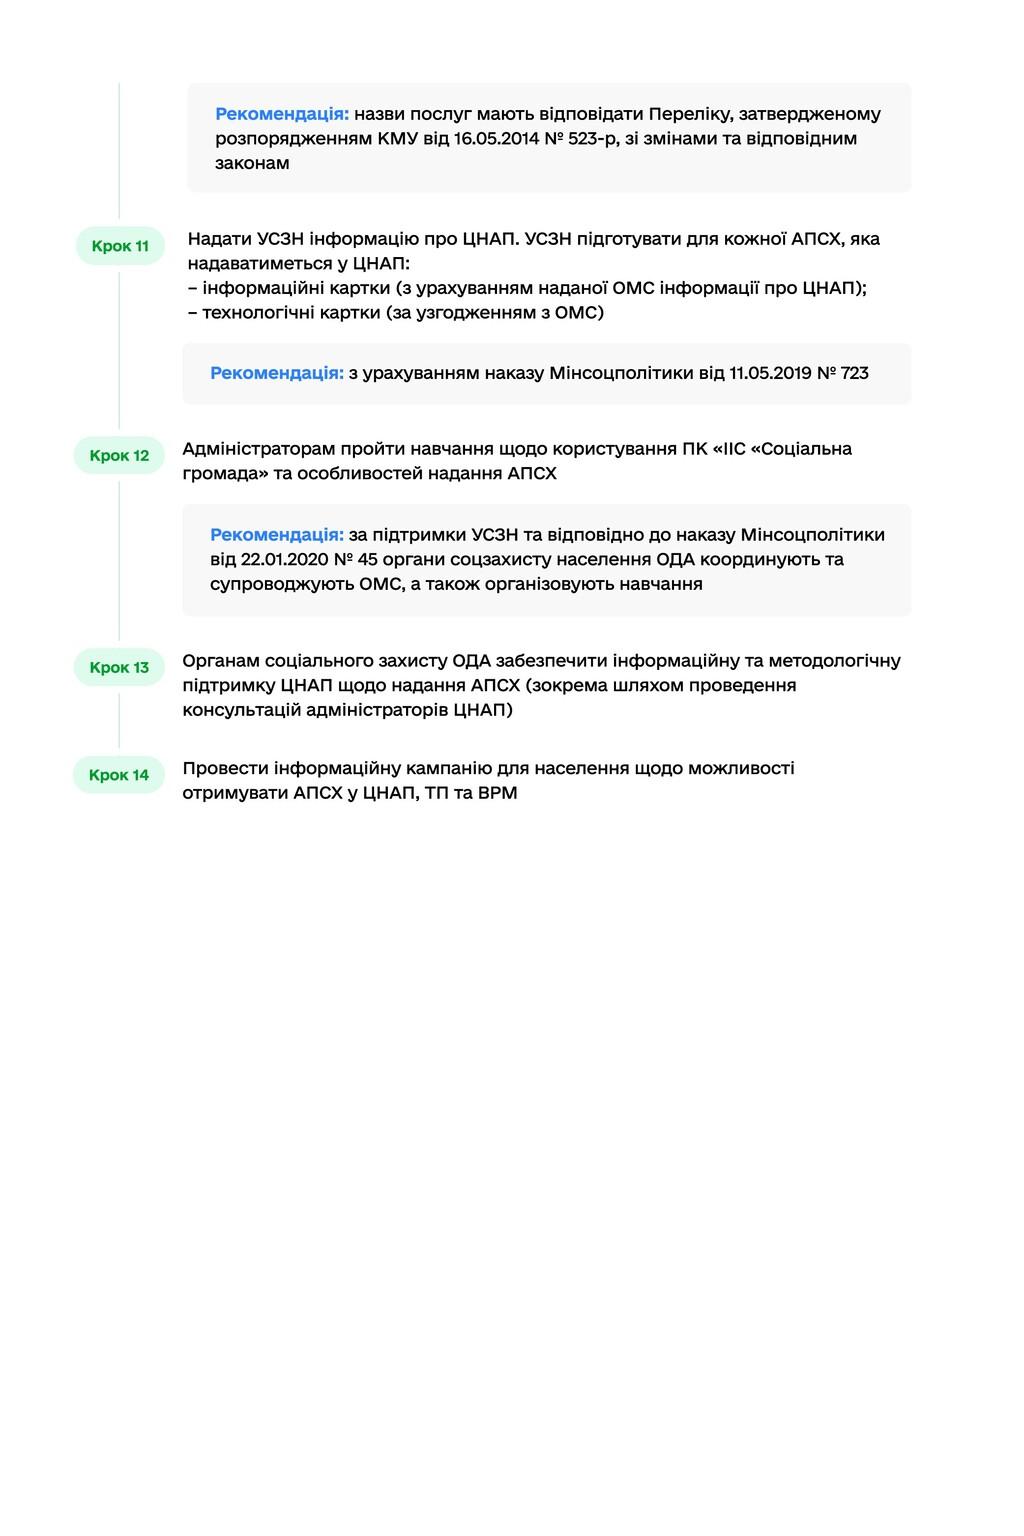 Органам соціального захисту ОДА забезпечити інф...